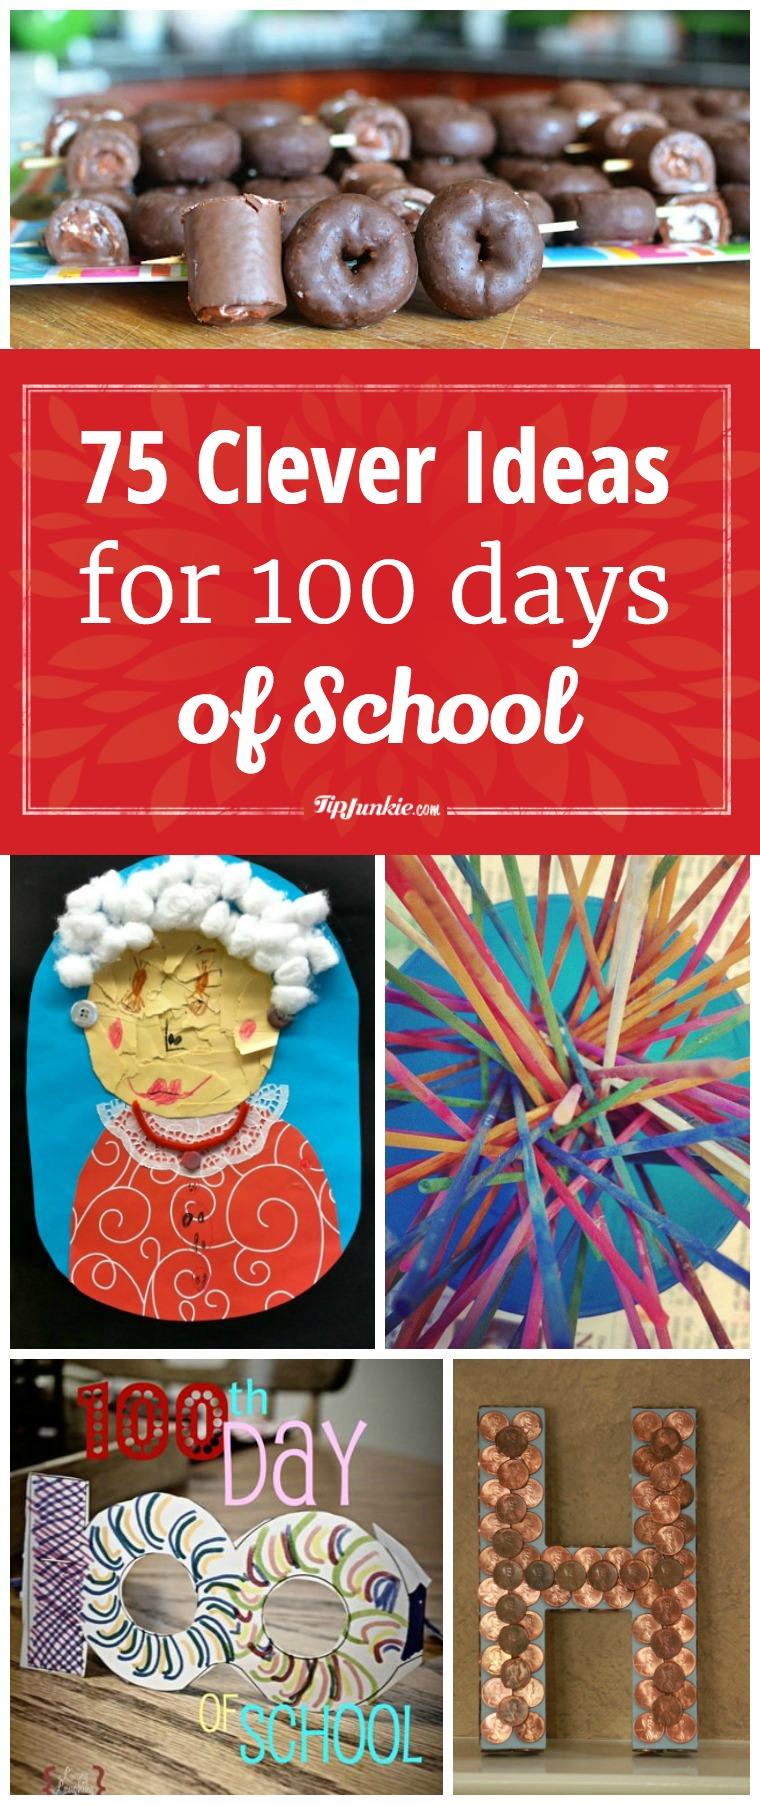 School Machine 100 Days Gumball